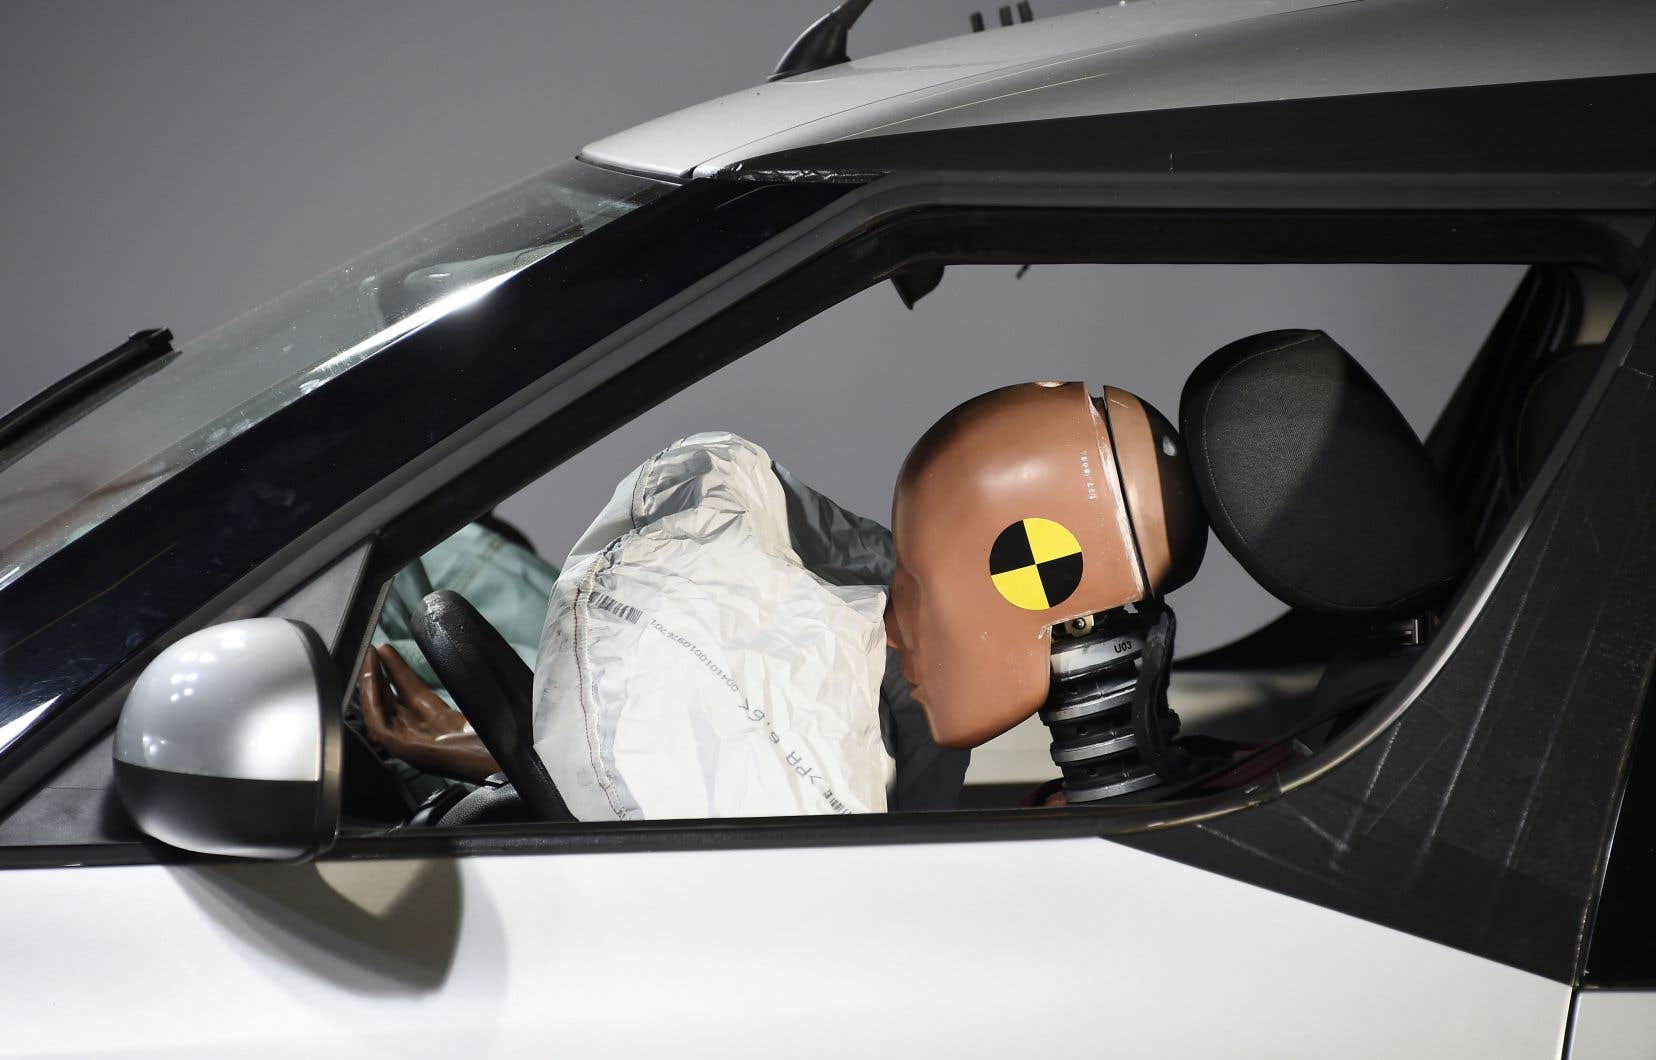 Ce n'est qu'en 2011 que les États-Unis introduisent des mannequins féminins dans les tests de collision, quand un test réglementaire l'exige dans l'Union européenne.